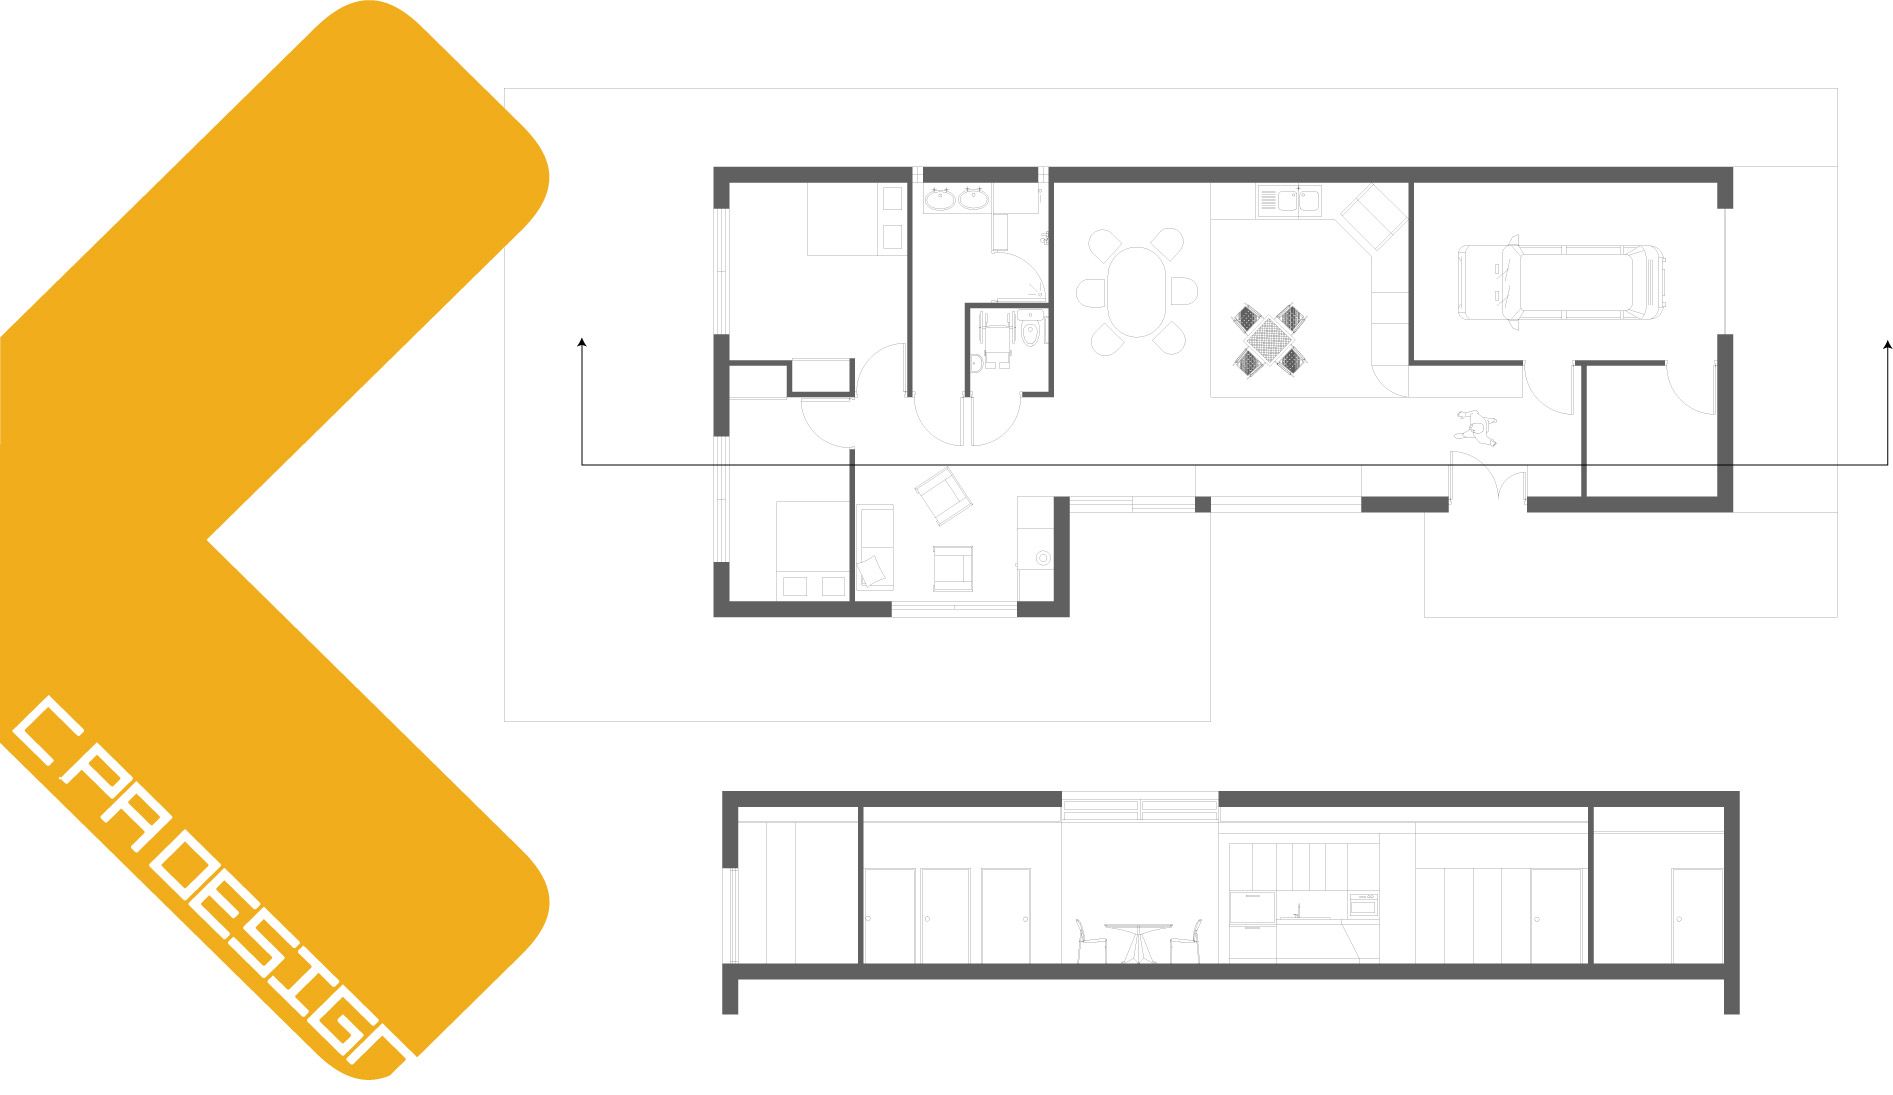 c_pa_design_intrerieur-architecture-permis-de-construire_mobilier-transport-serie_innovation_relation_ecoute_unique_realisation_3d-archi-interieure